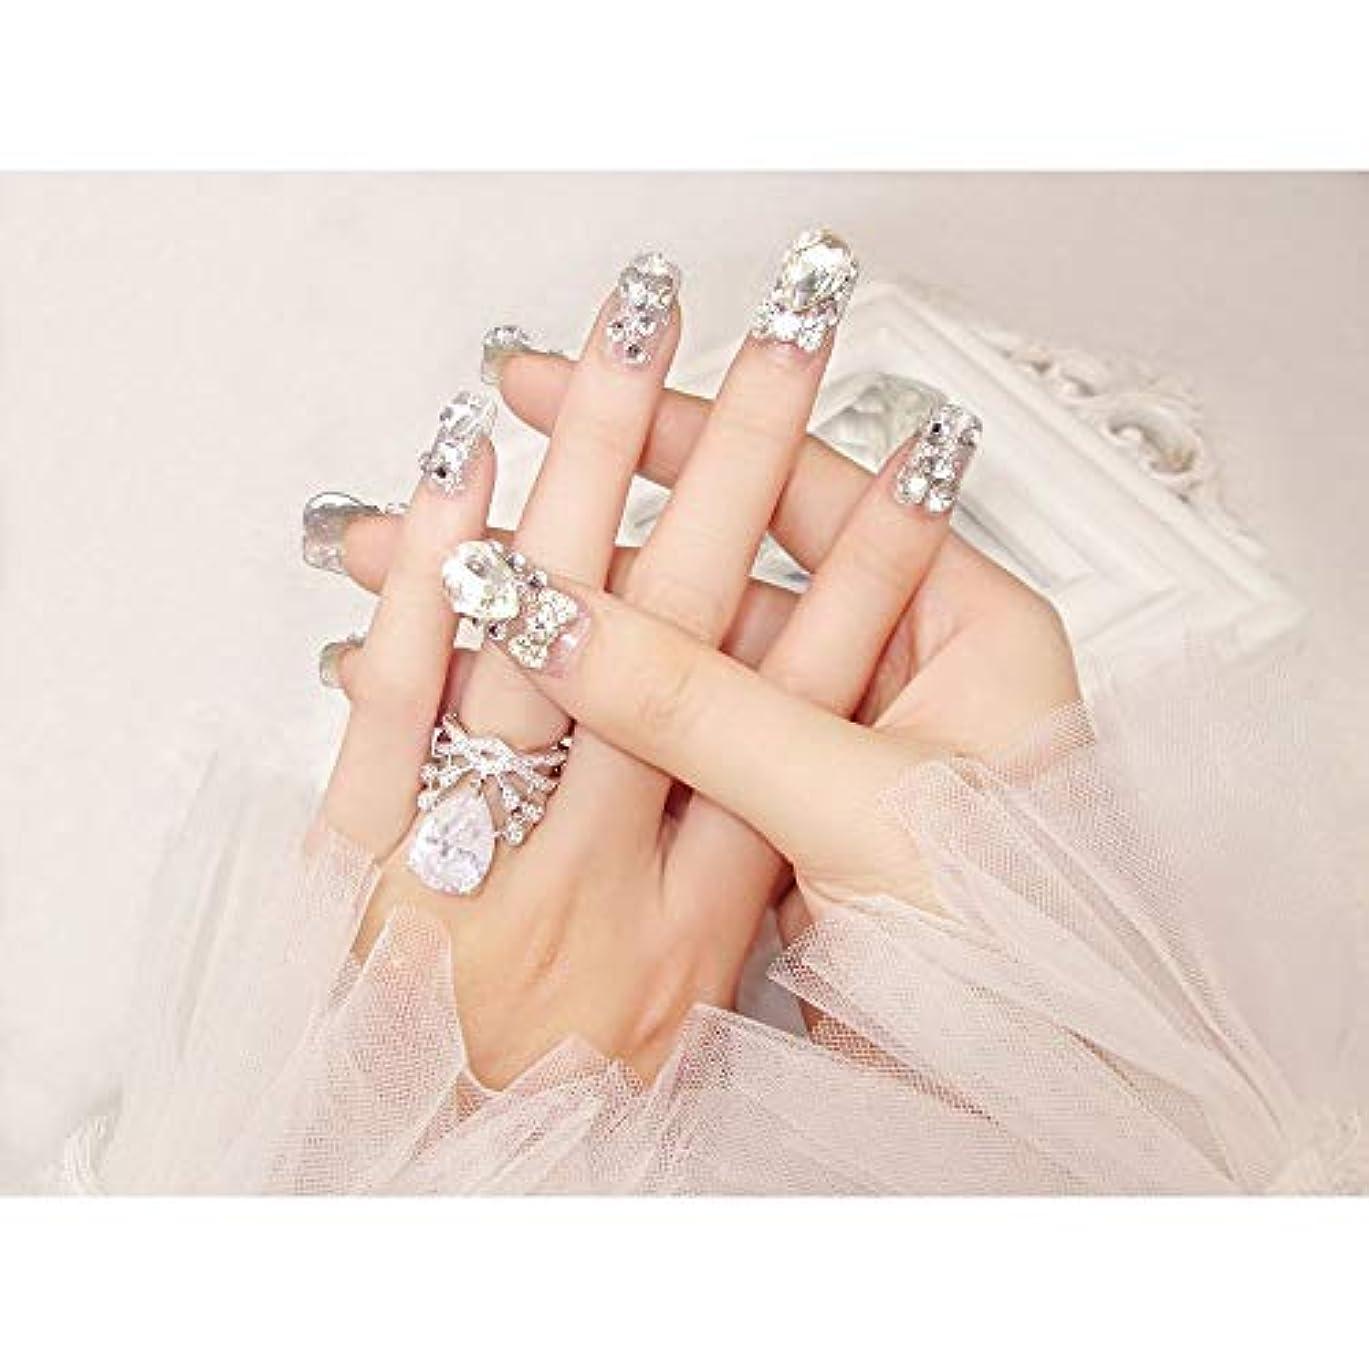 ひらめき気性論理的TAALESET 完成した偽の釘24ピース箱入り花嫁シャイニー偽の爪の宝石ダイヤモンドの宝石ブライダルネイルステッカー (色 : 24 pieces)